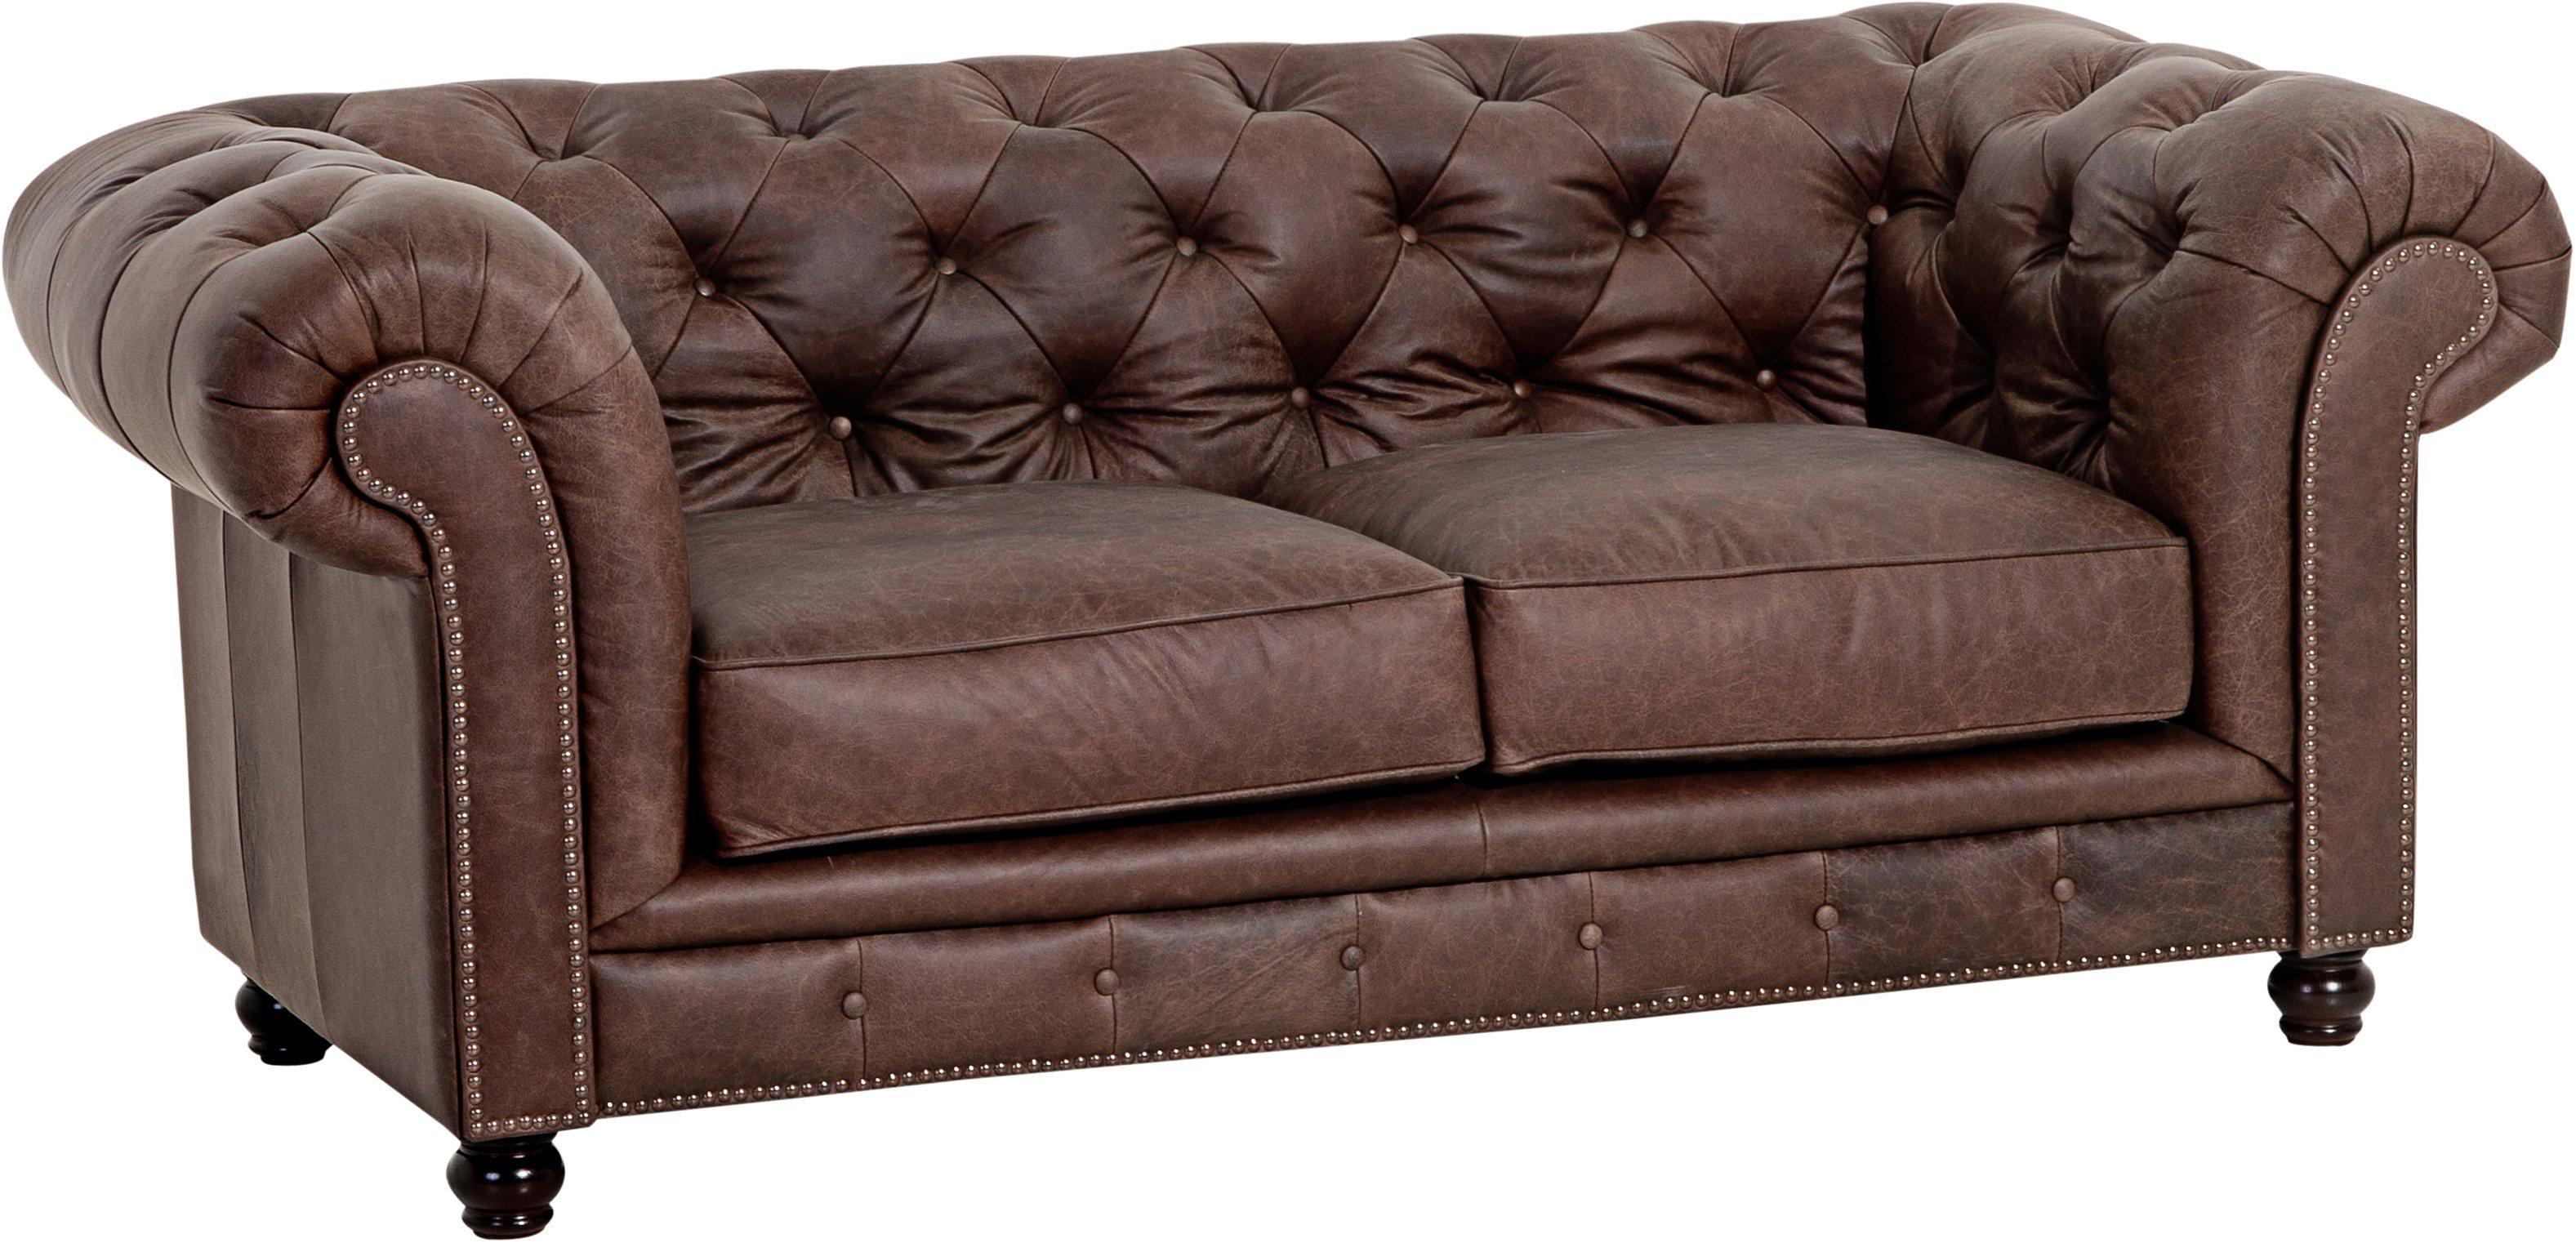 Max Winzer® Chesterfield 2-Sitzer Sofa »Old England« im Retrolook, Breite 192 cm | Wohnzimmer > Sofas & Couches > Chesterfield Sofas | Polyester - Stoff - Leder | Max Winzer®